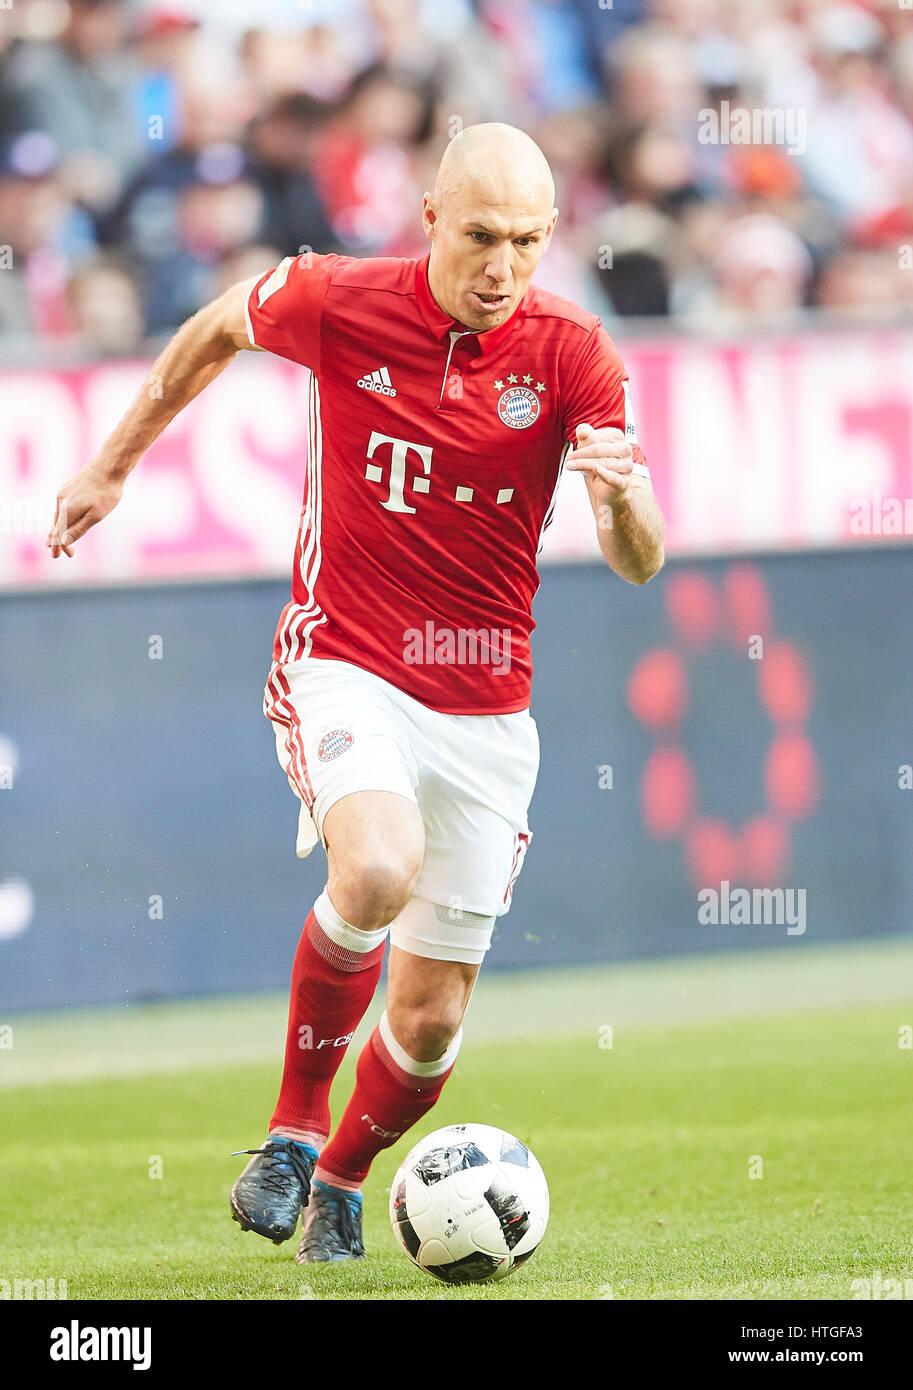 Munich Germany 11th Mar 2017 Arjen ROBBEN FCB 10 drives the